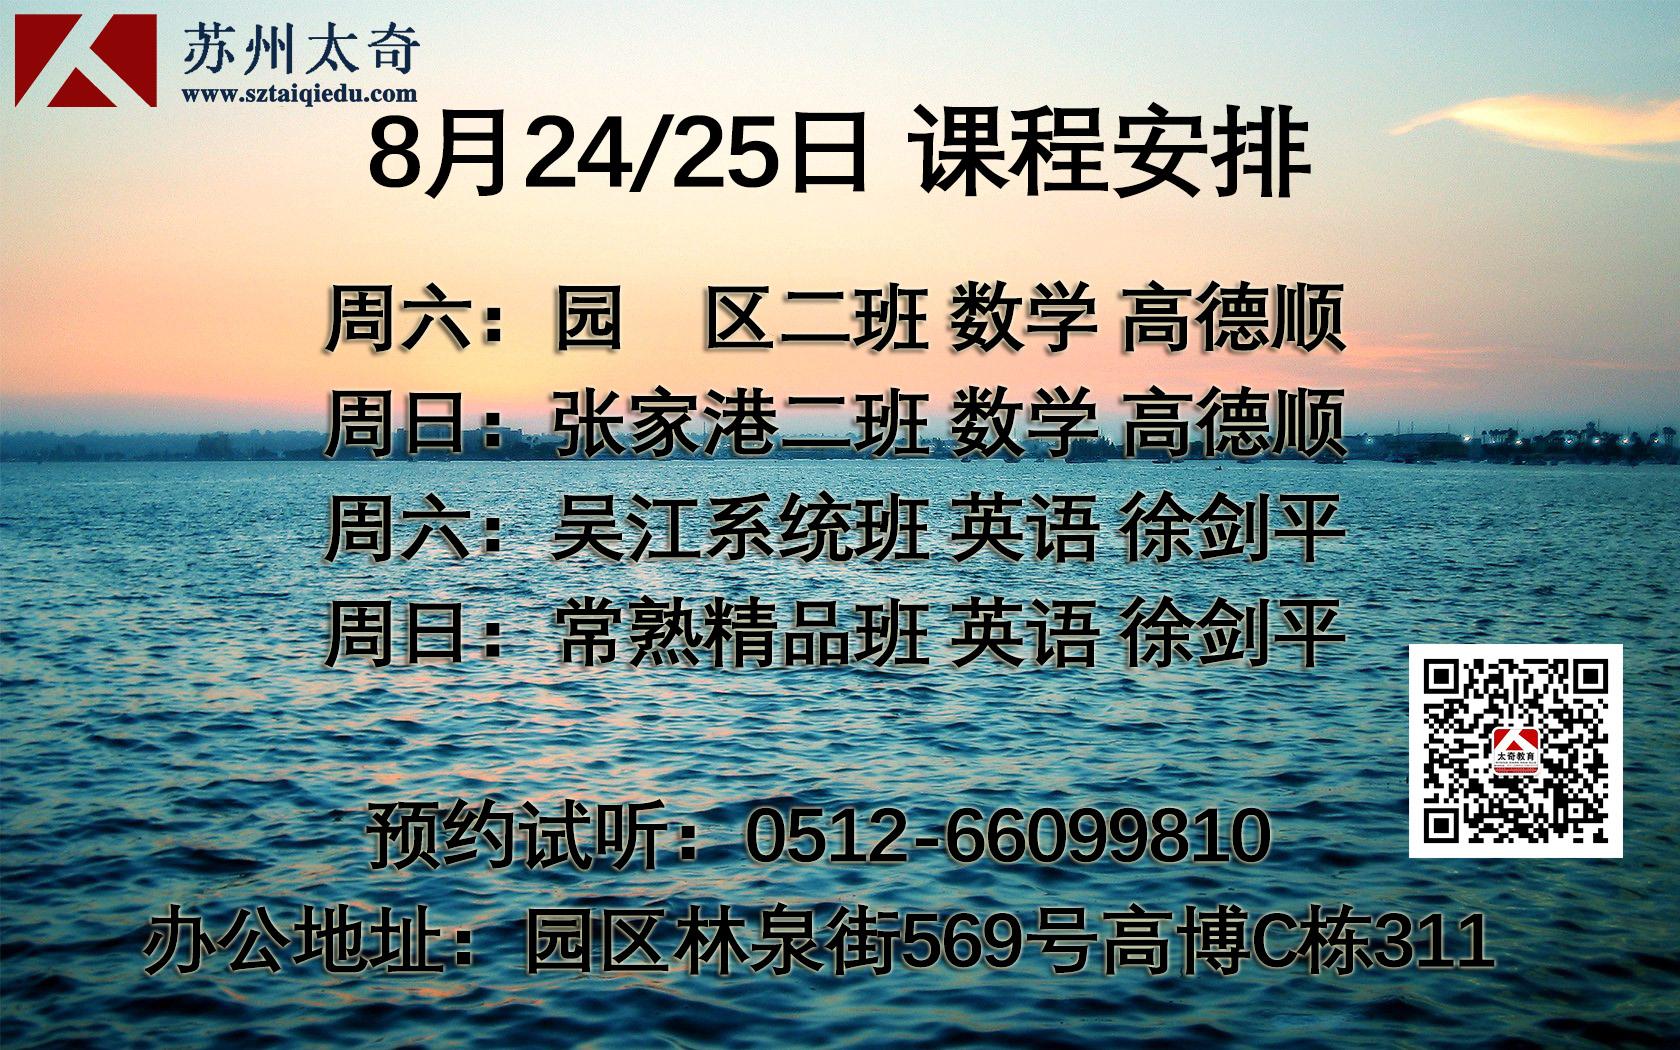 苏州太奇考研8月24/25日课程通知